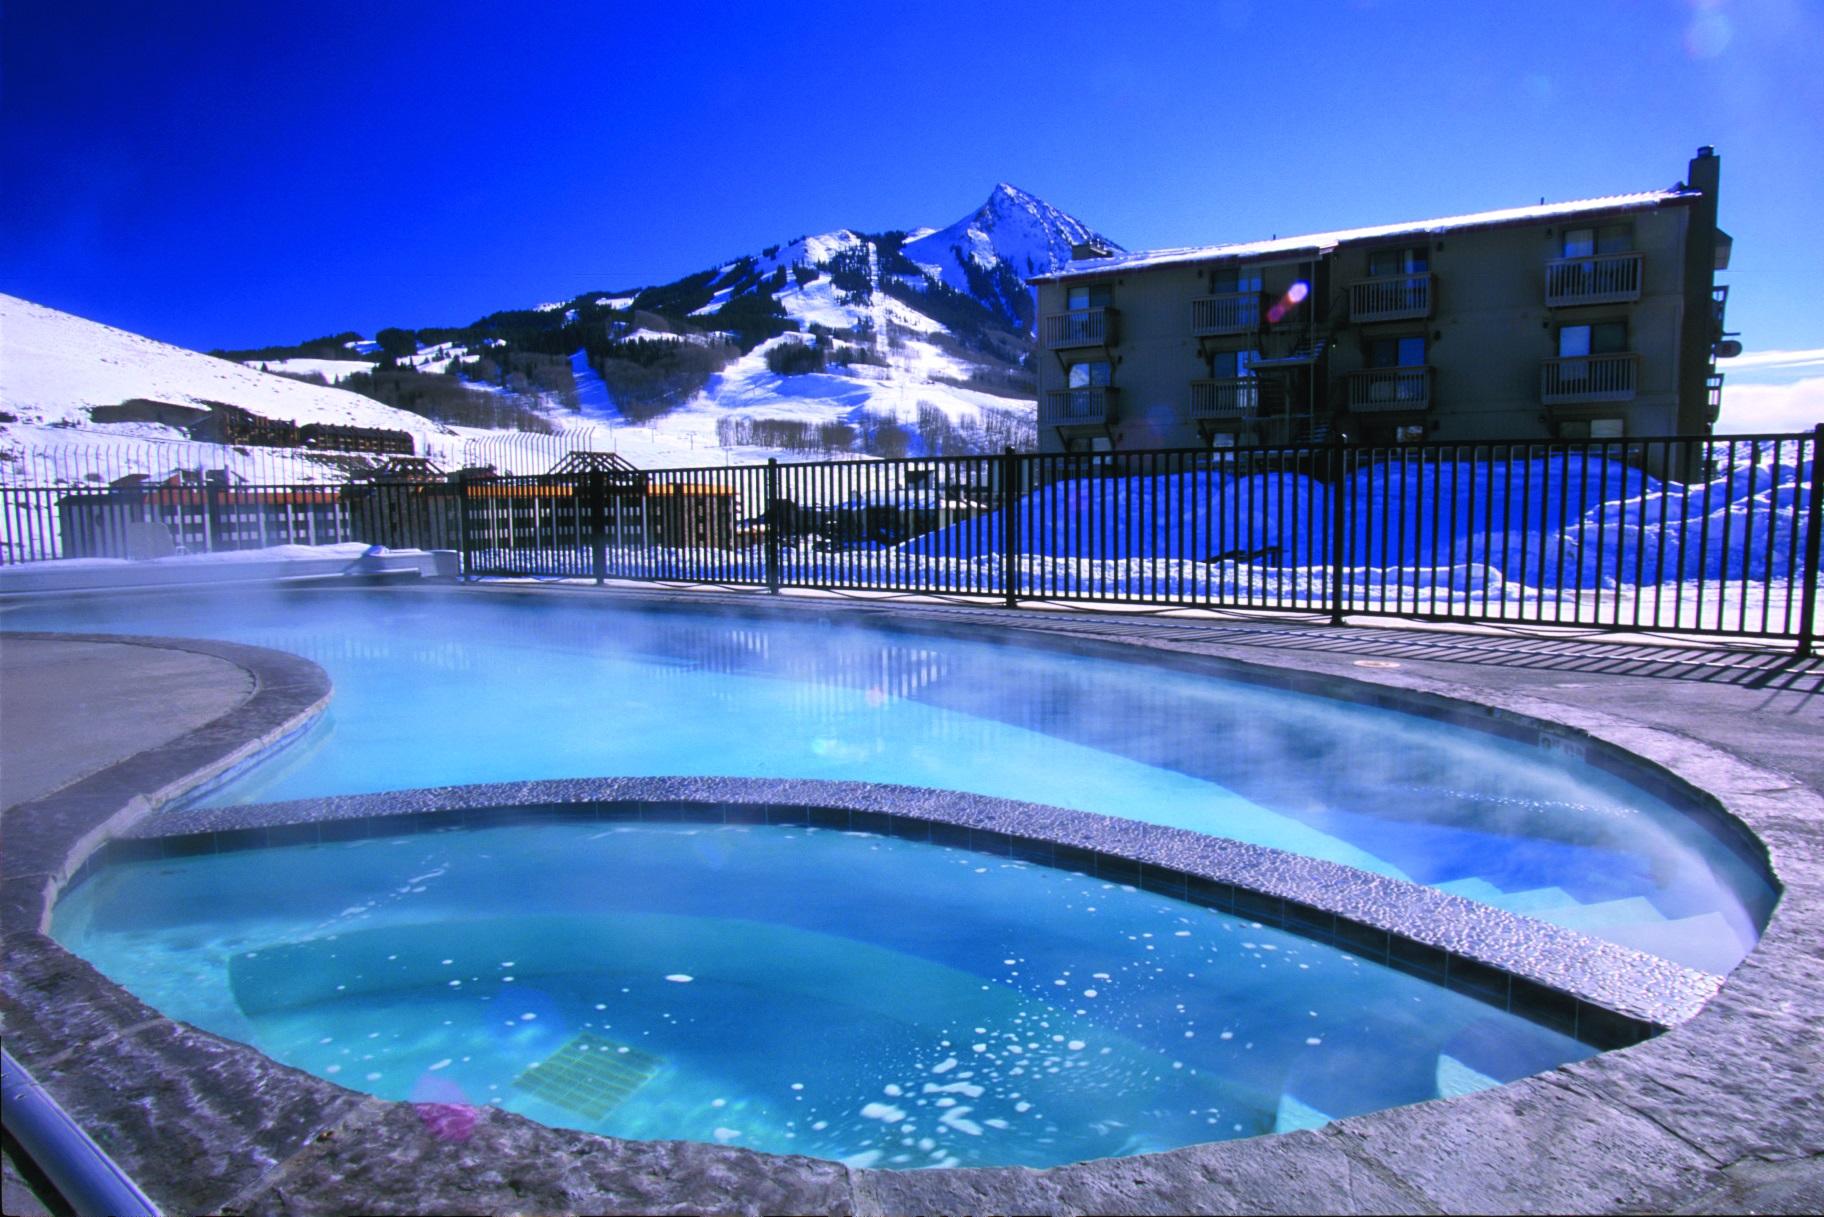 CH.pool